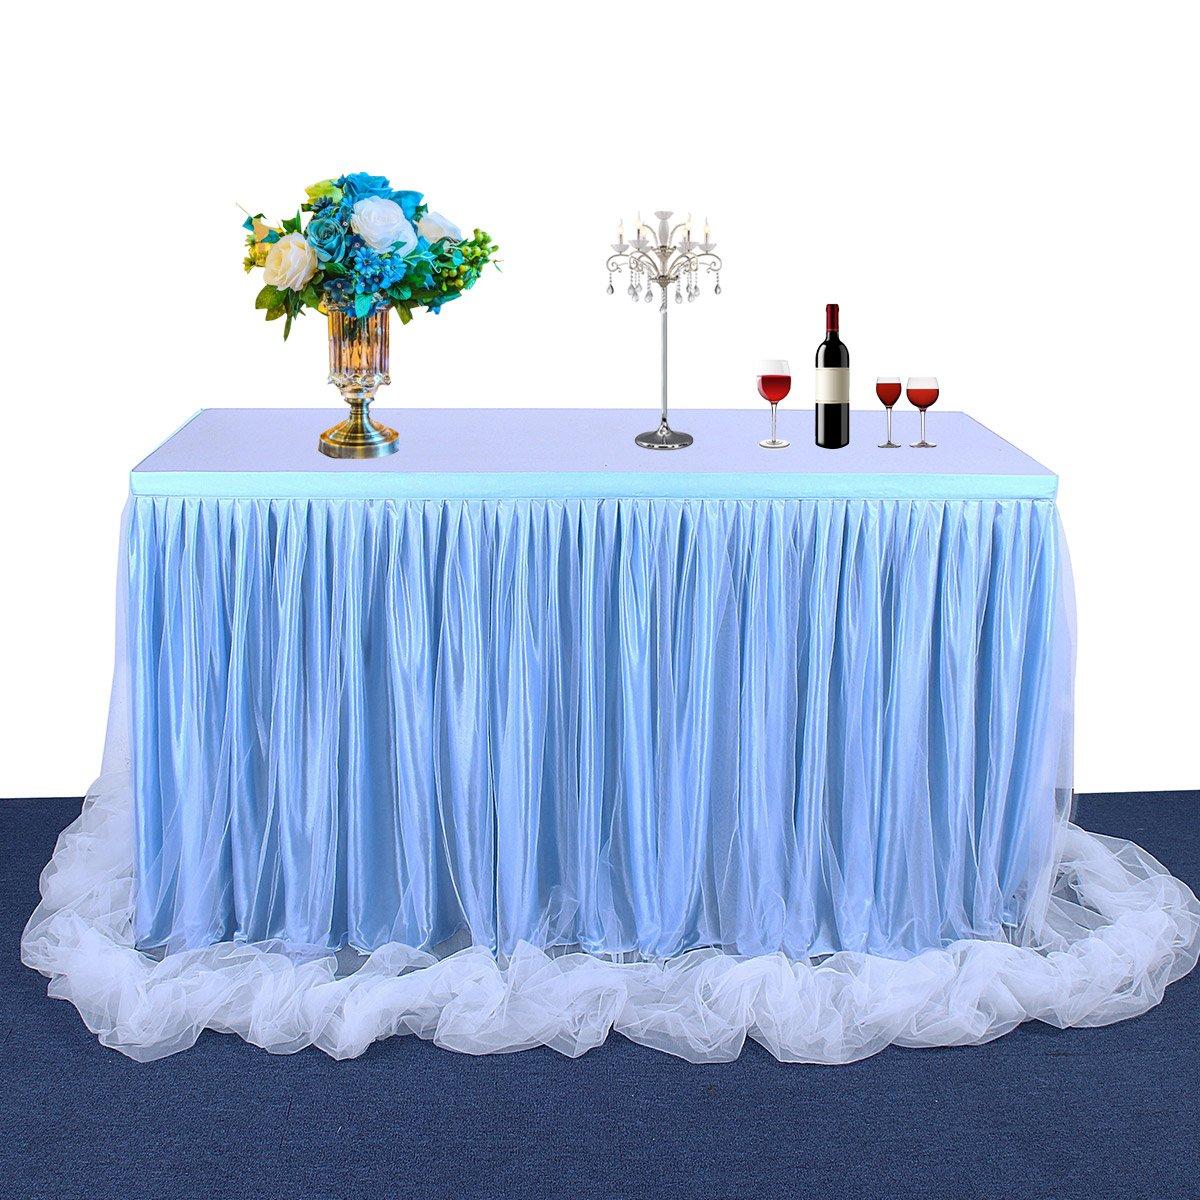 Hochzeit Festival HBBmagic LED Handgefertigte Tischdecke//Tischdeko Tutu Tischrock F/ür Party Carniva Feier Tischdekoration Geburtstag Blau,183cm*76cm Weihnachten